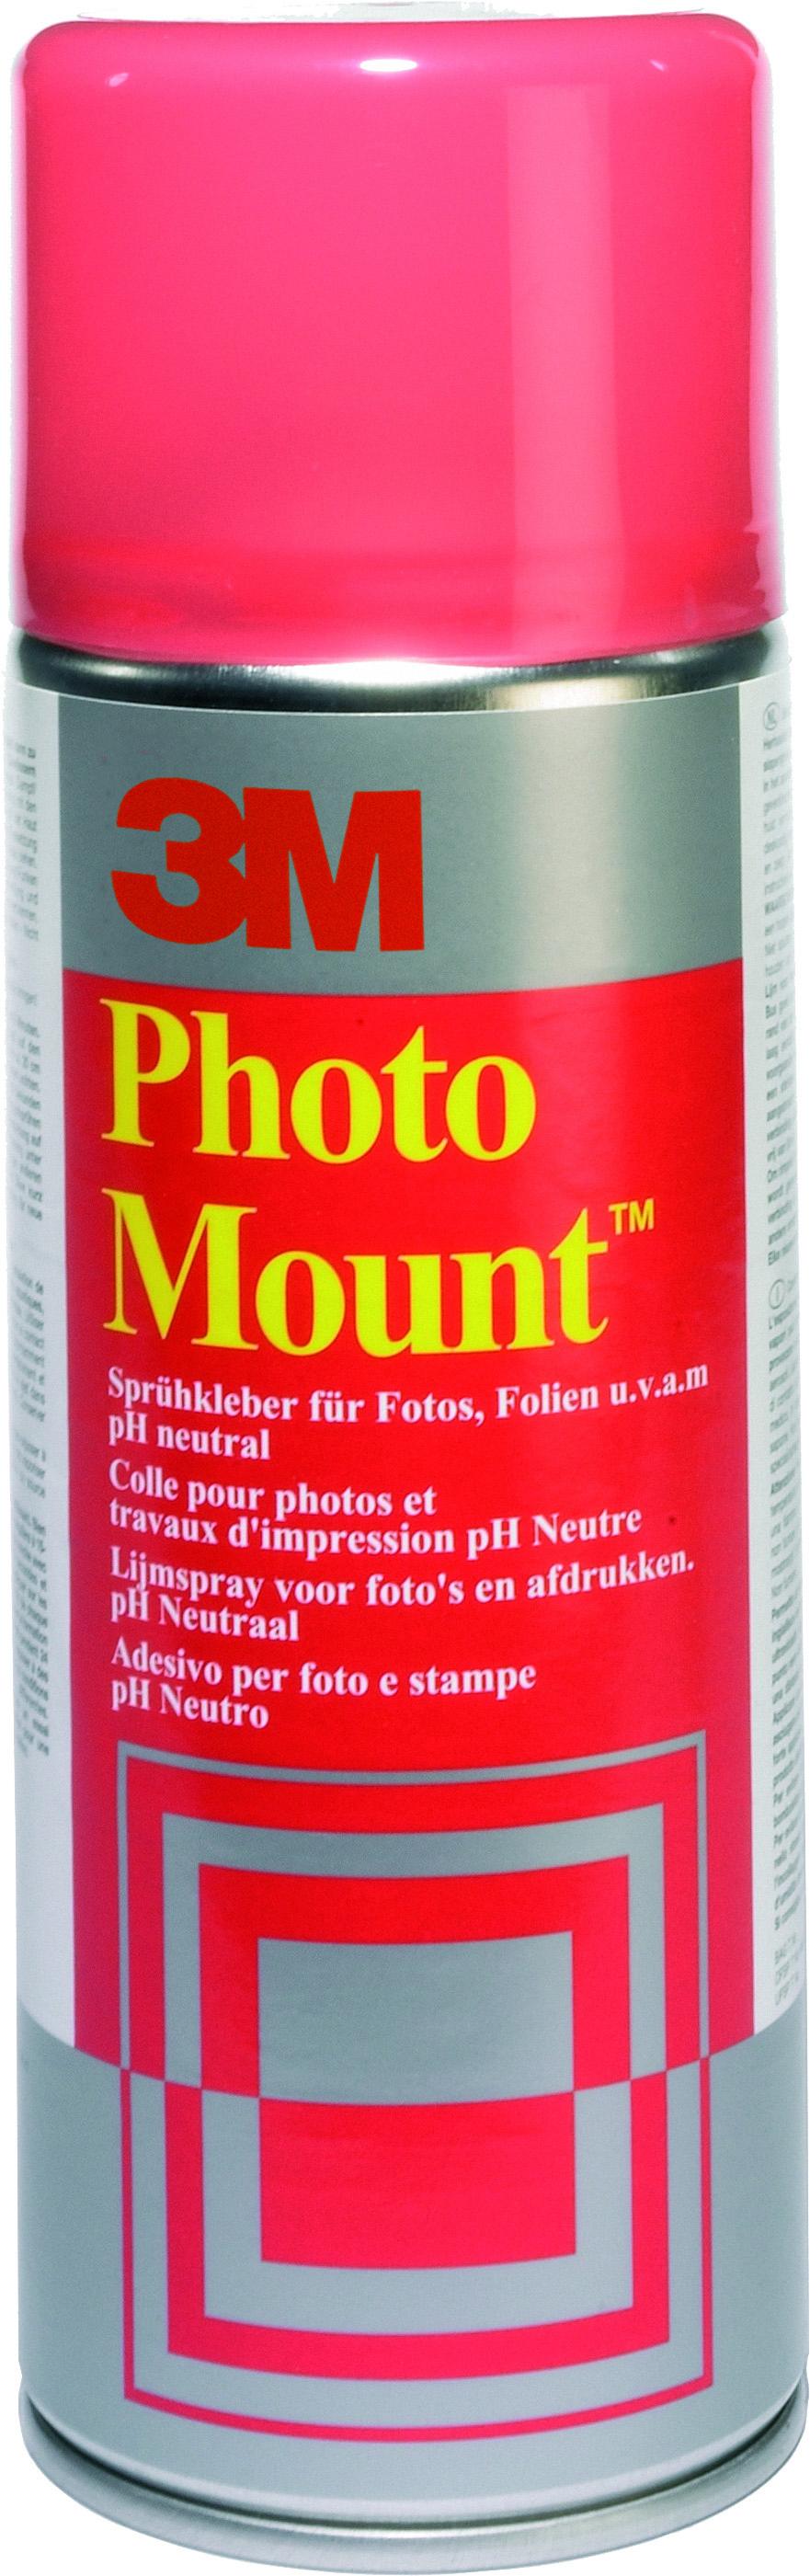 Vorschau: GP: 44,95 EUR/Liter 3M Sprühkleber Photo Mount 400 ml. - starker Haftkraft